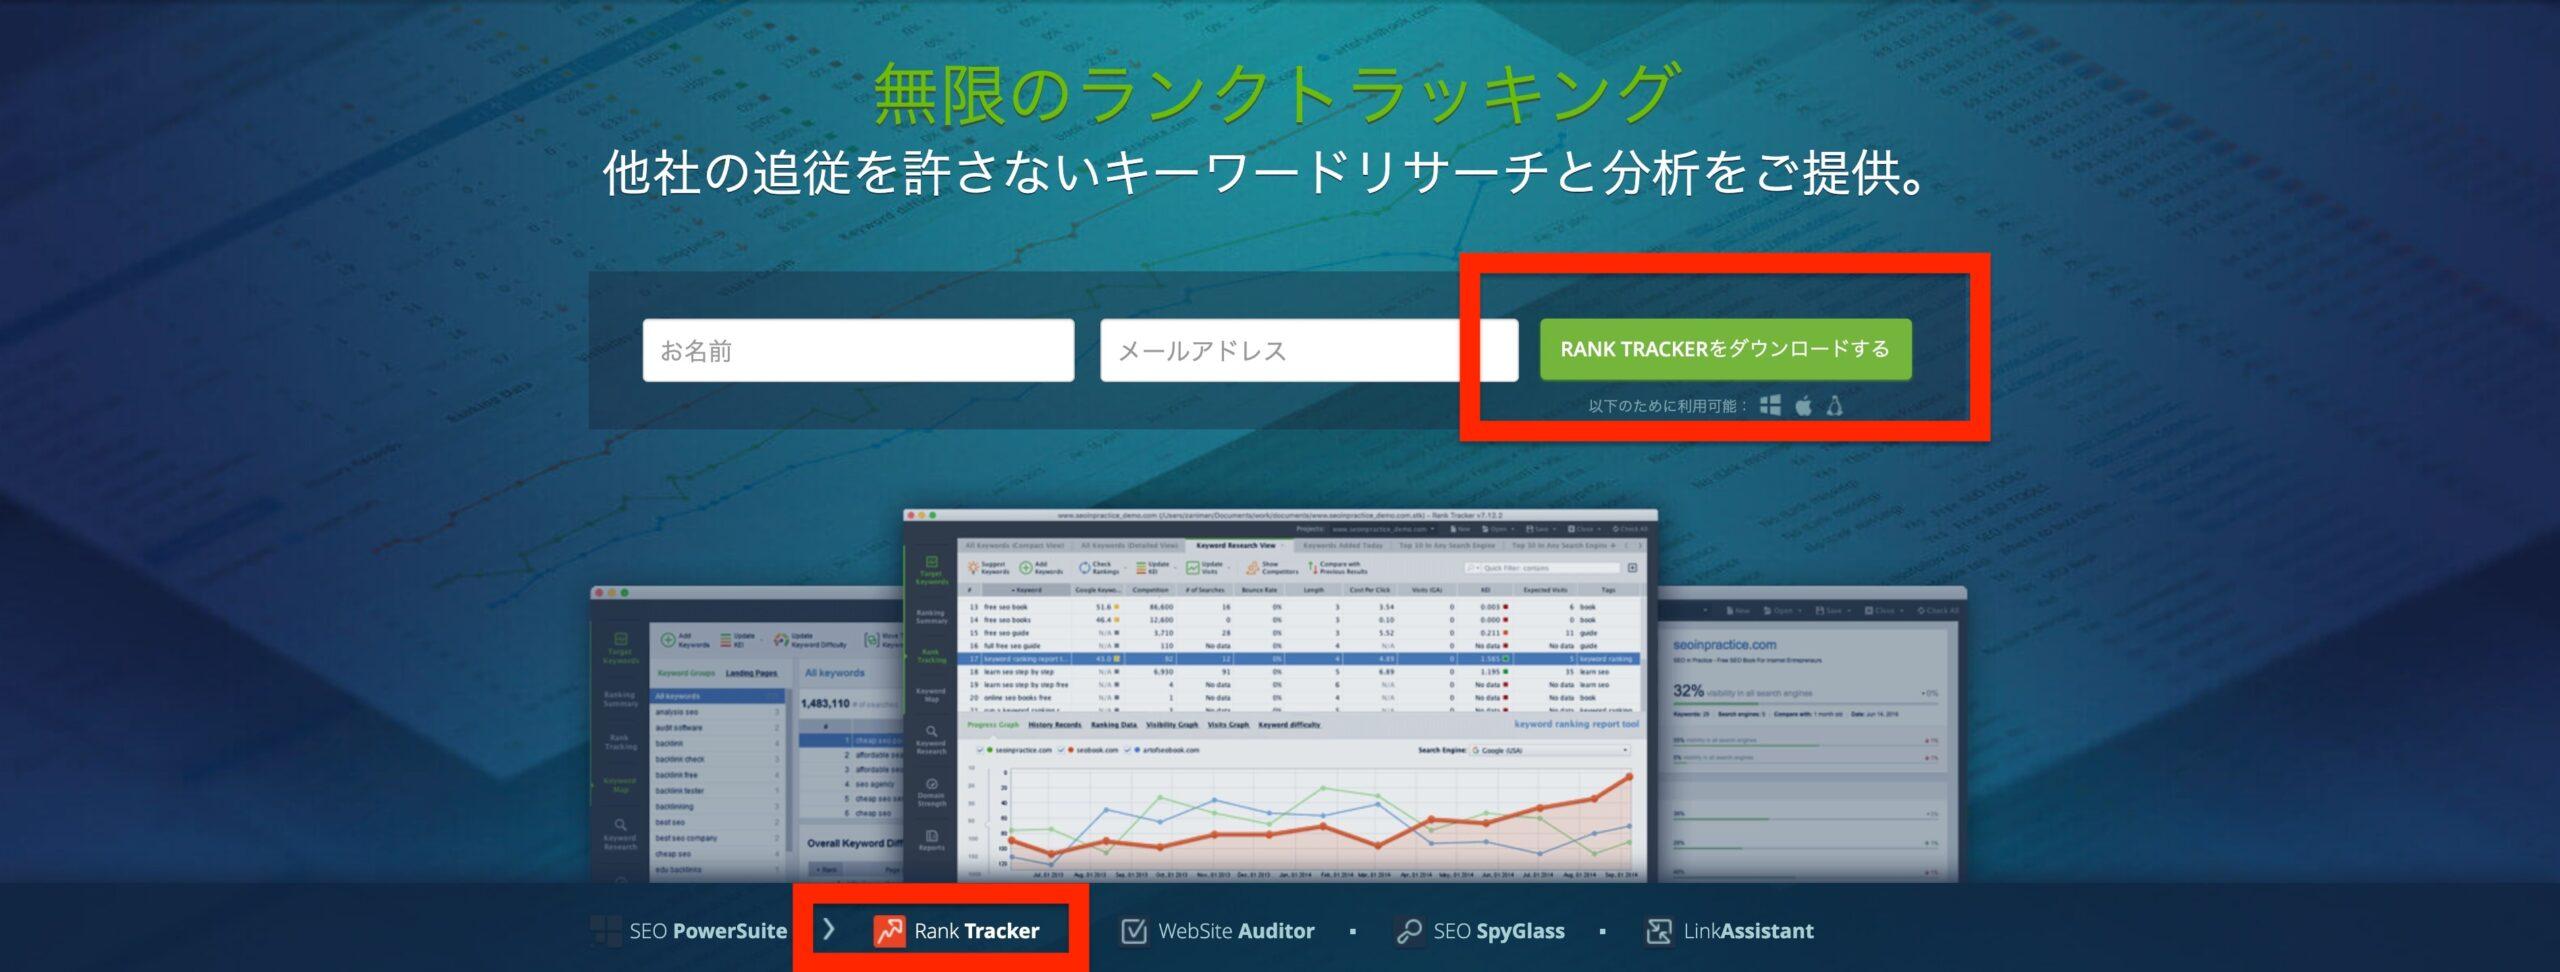 ①公式ページで「Rank Tracker」をダウンロードしよう!